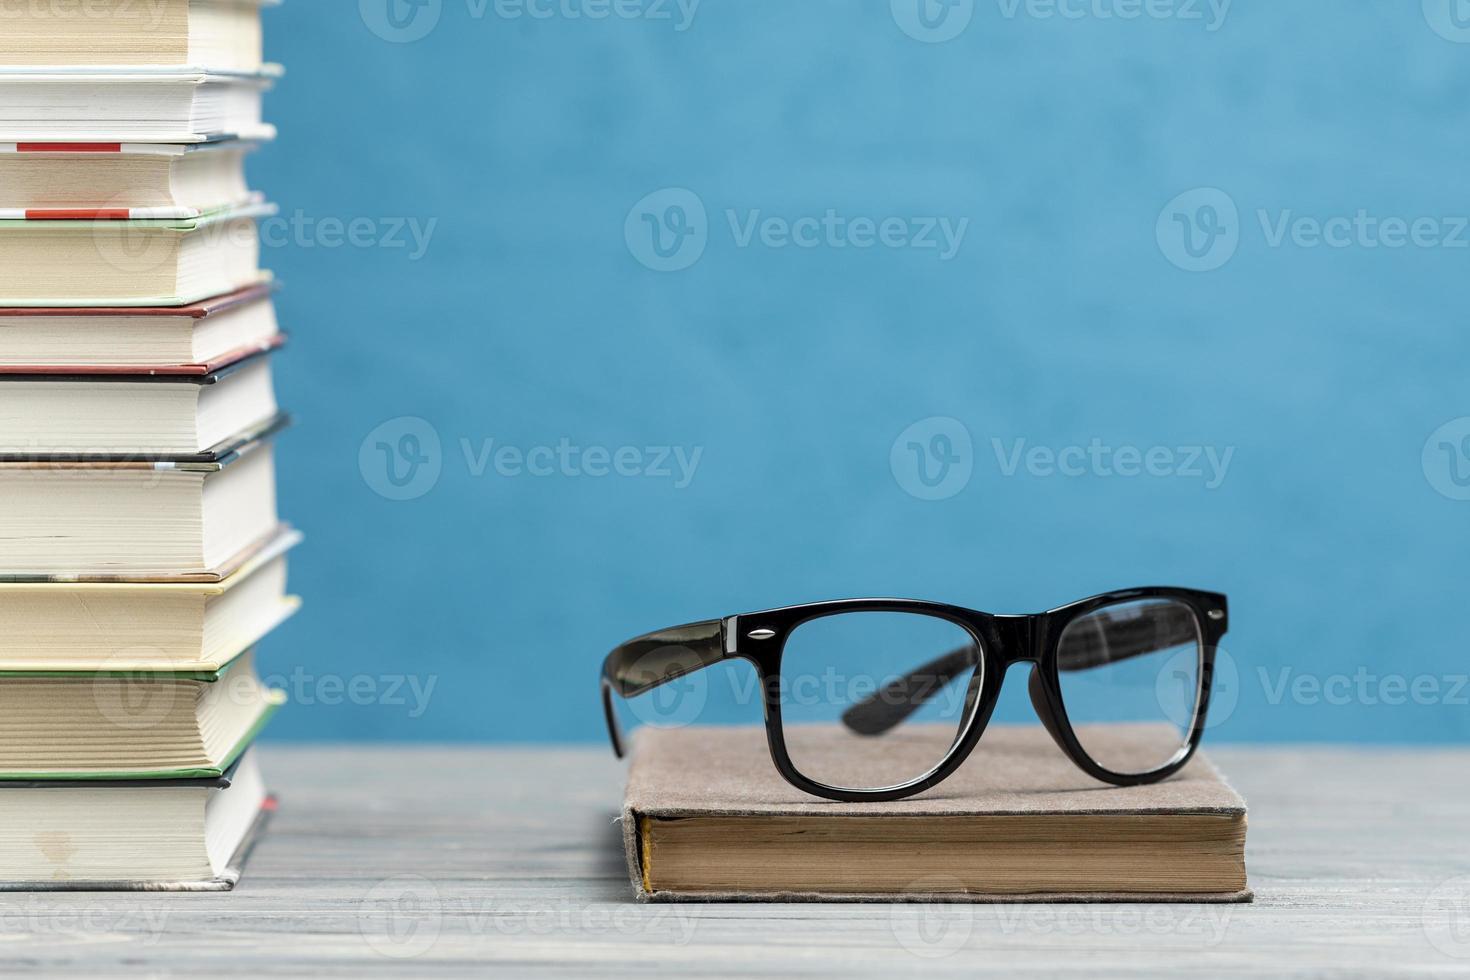 framifrån av en högböcker med glasögon på blå bakgrund foto